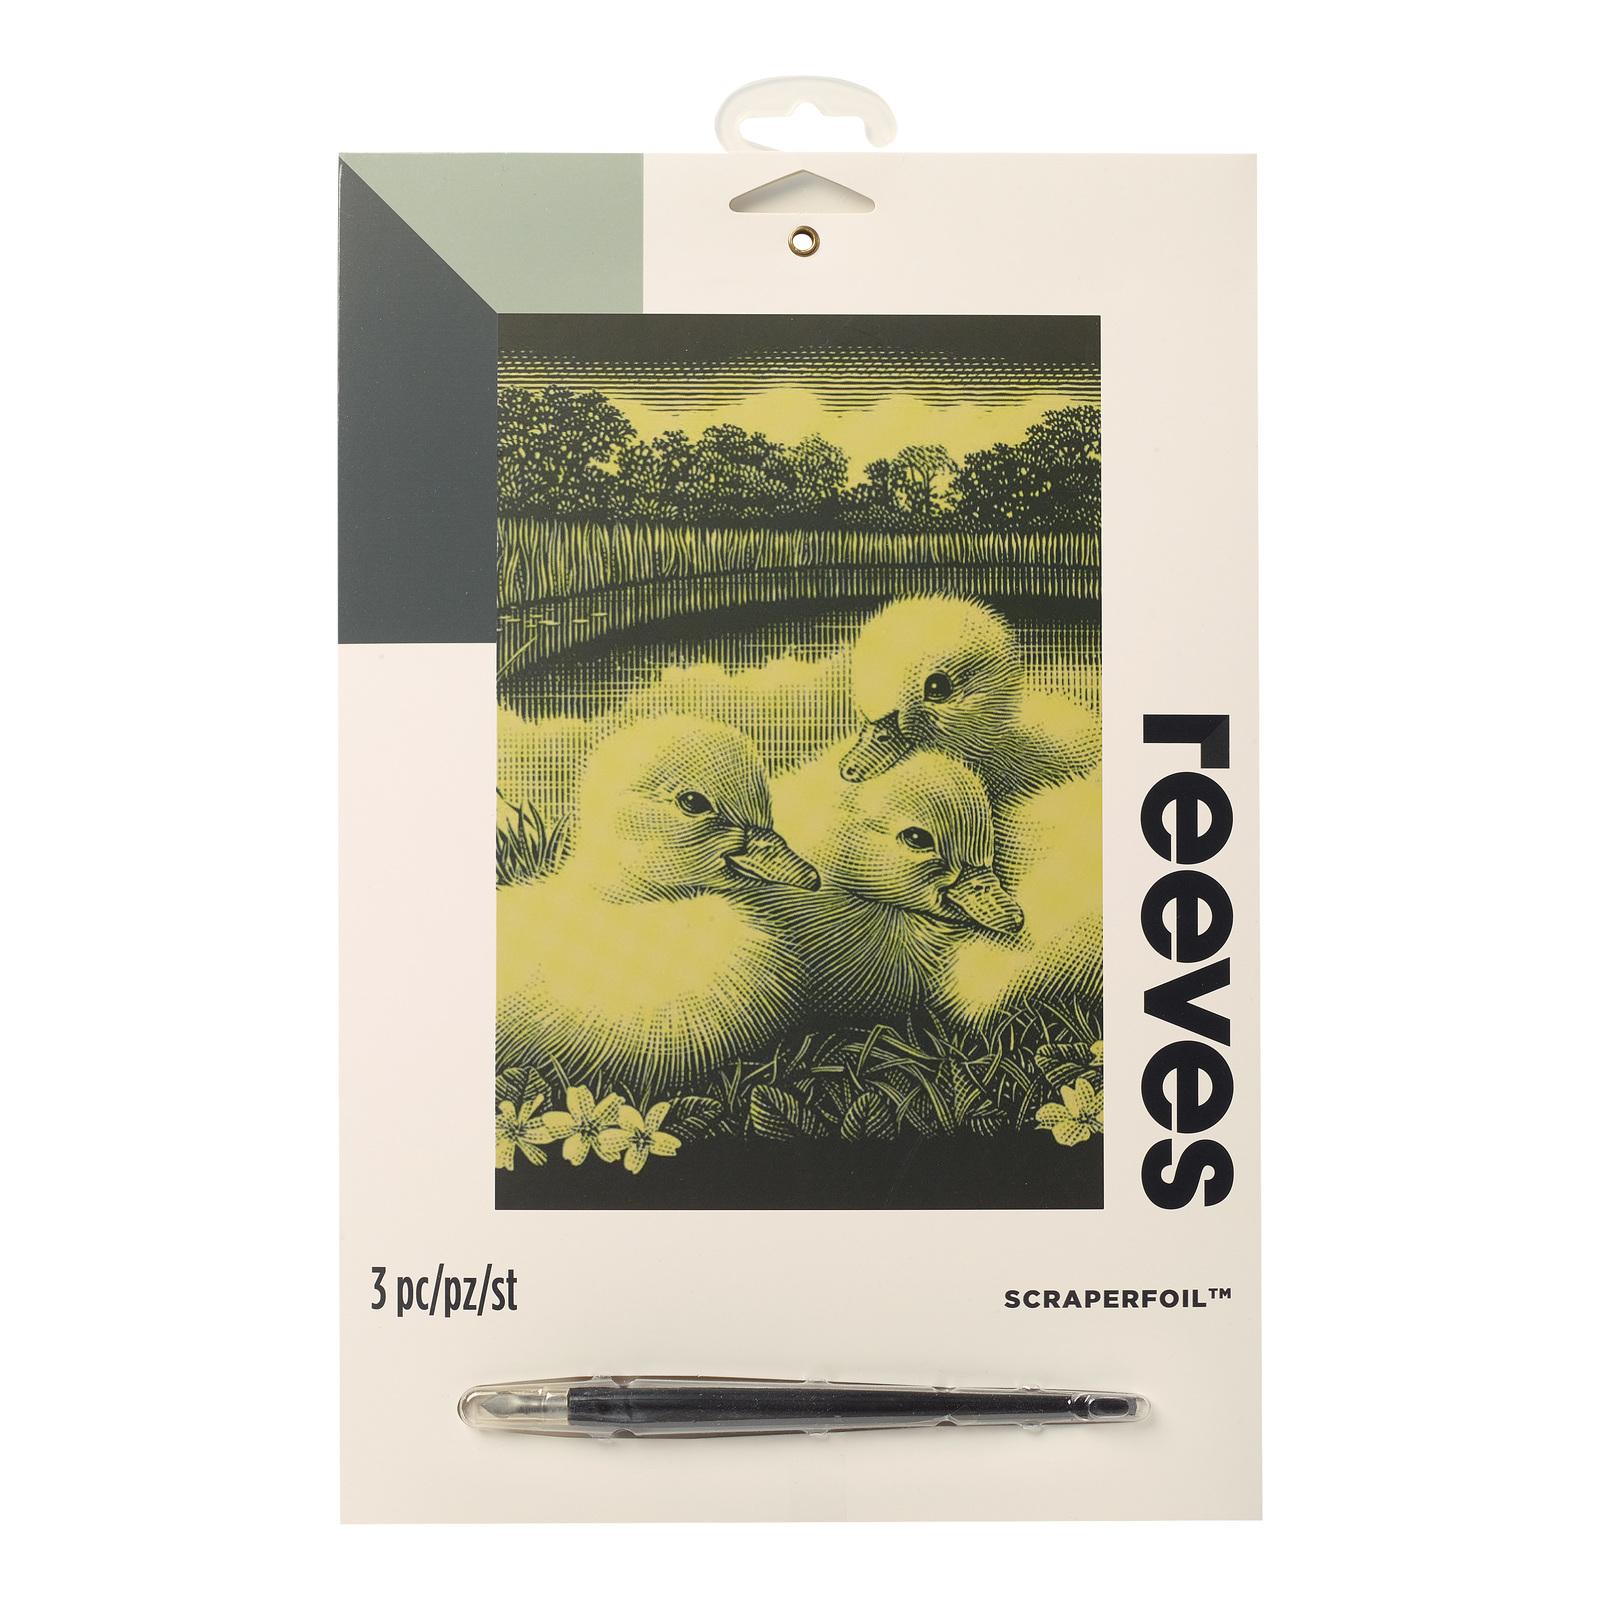 120 Feuilles Papier Lettres Vintage De Luxe Double Taille 120GSM Imprimante 6 Assortis Conception R/étro Parchemin